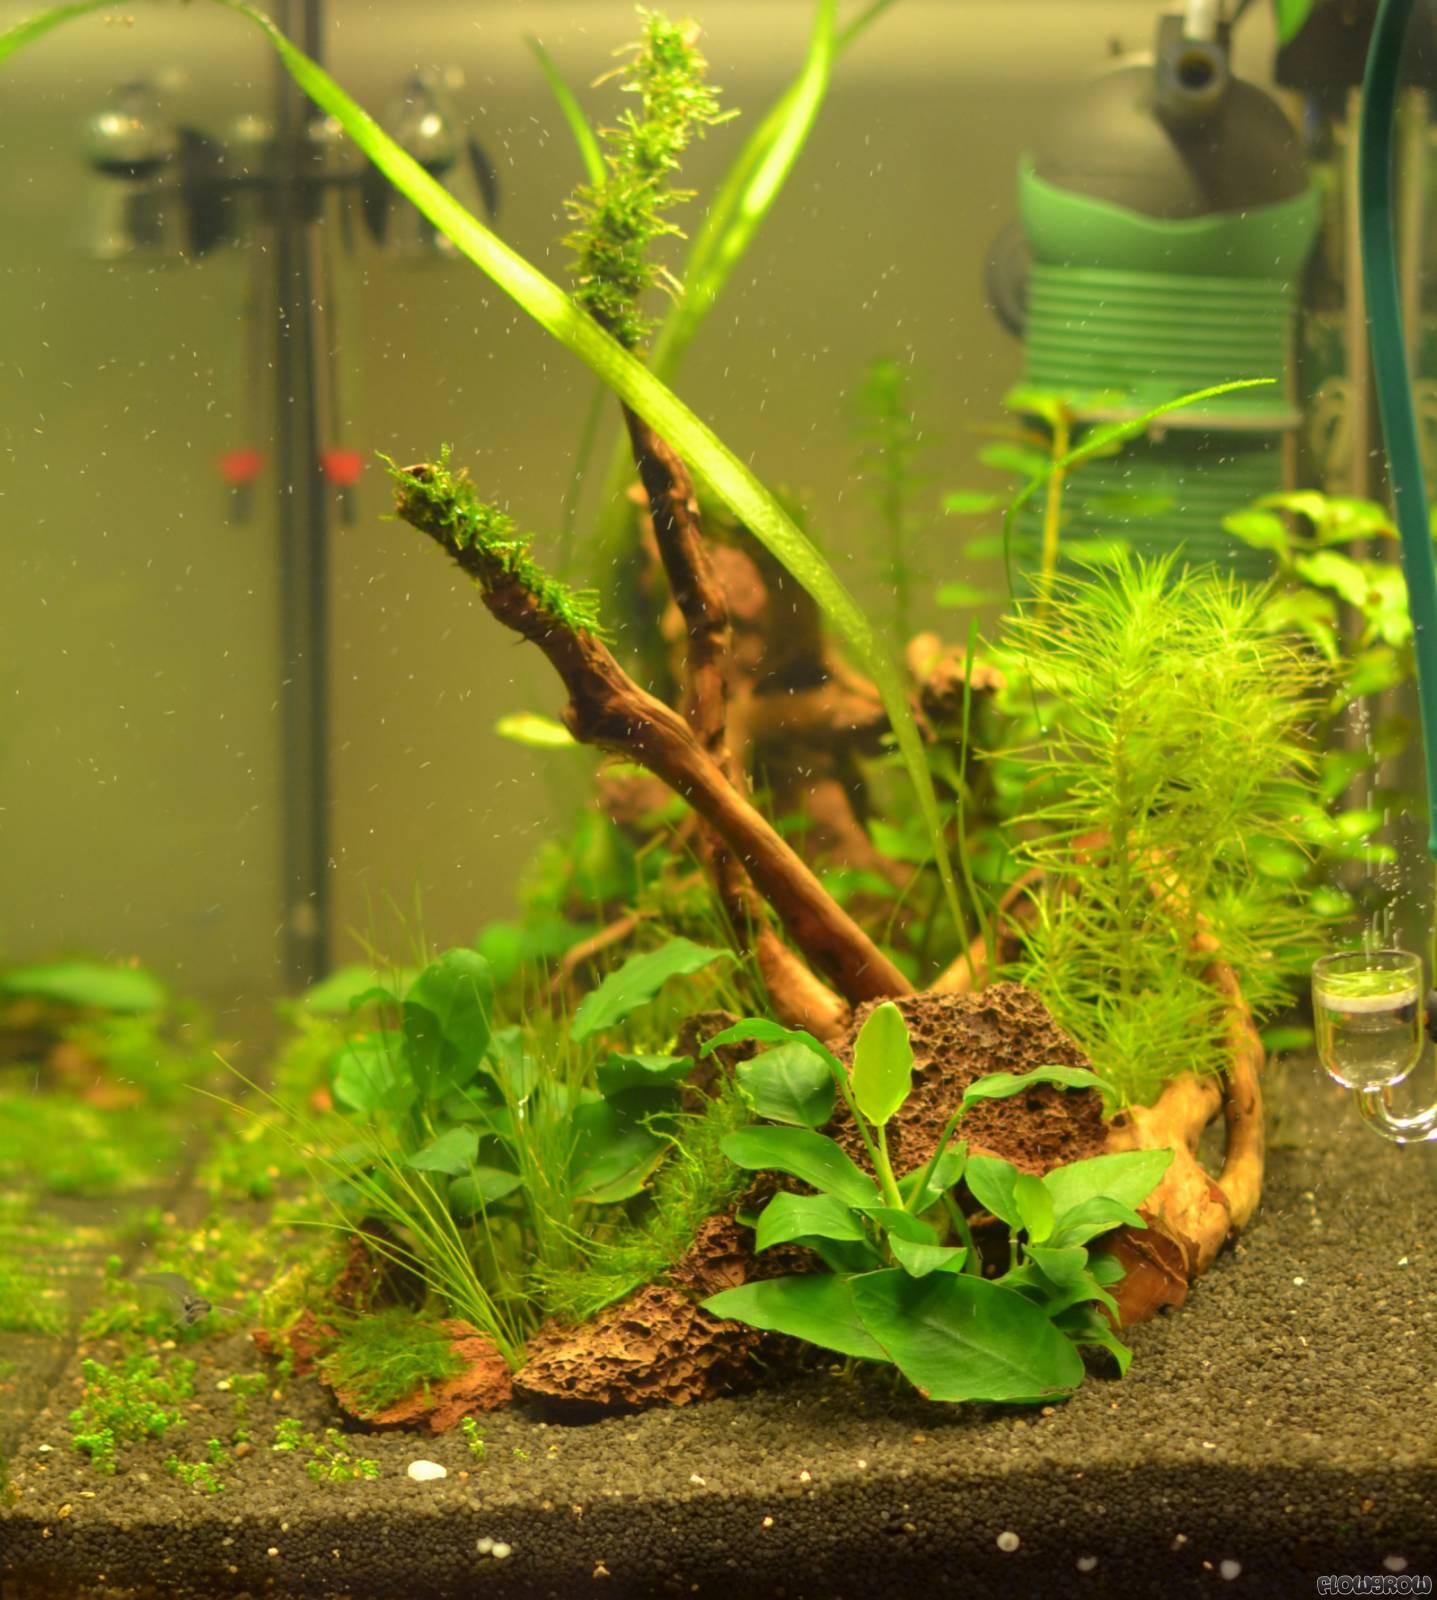 ying yang flowgrow aquascape aquarien datenbank. Black Bedroom Furniture Sets. Home Design Ideas